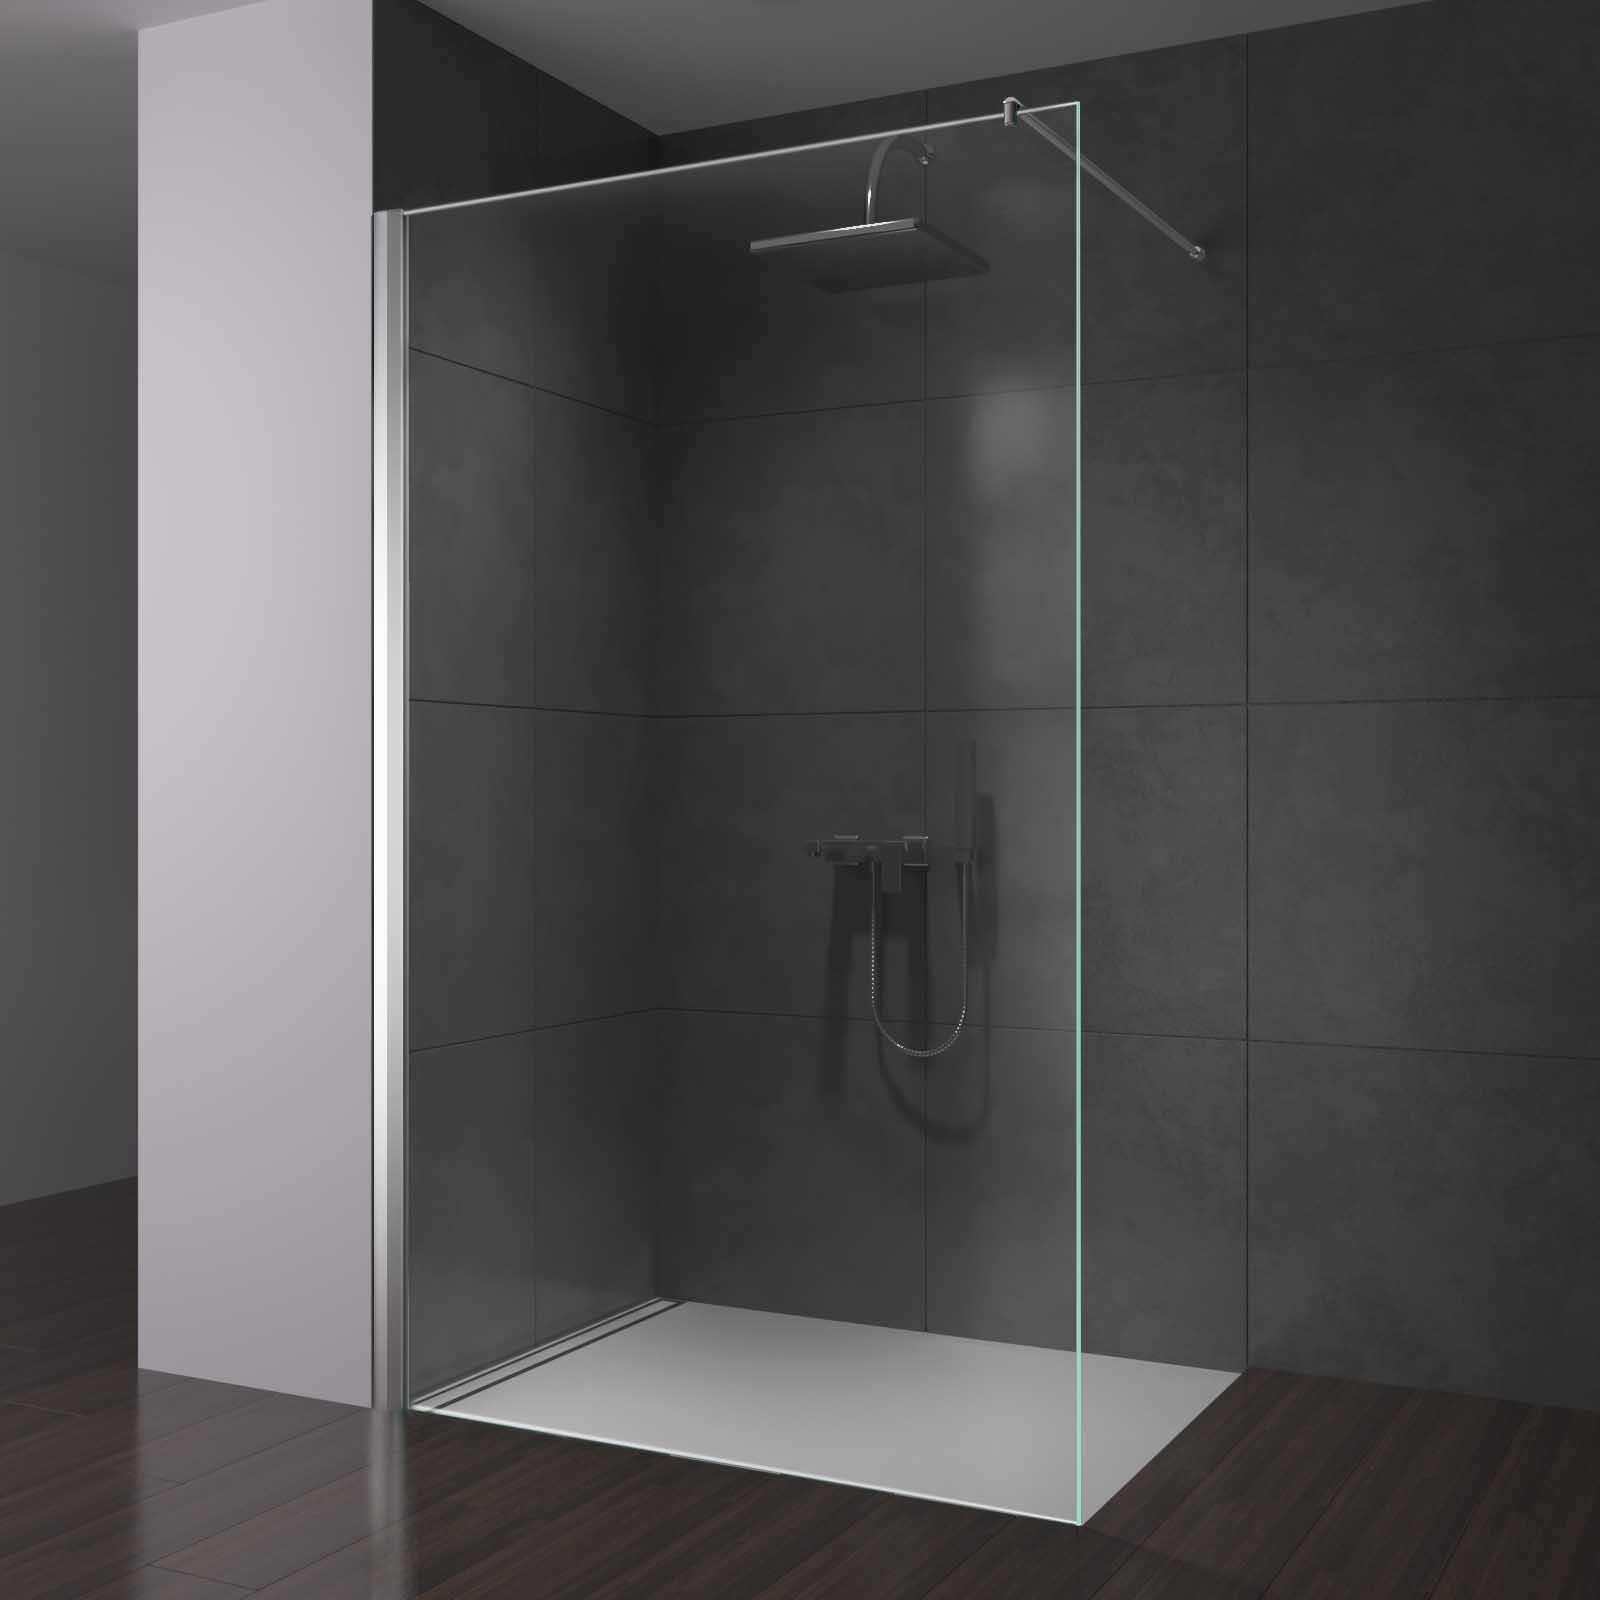 Glas Duschwand für Walk in Dusche konfigurieren   Spiegel20